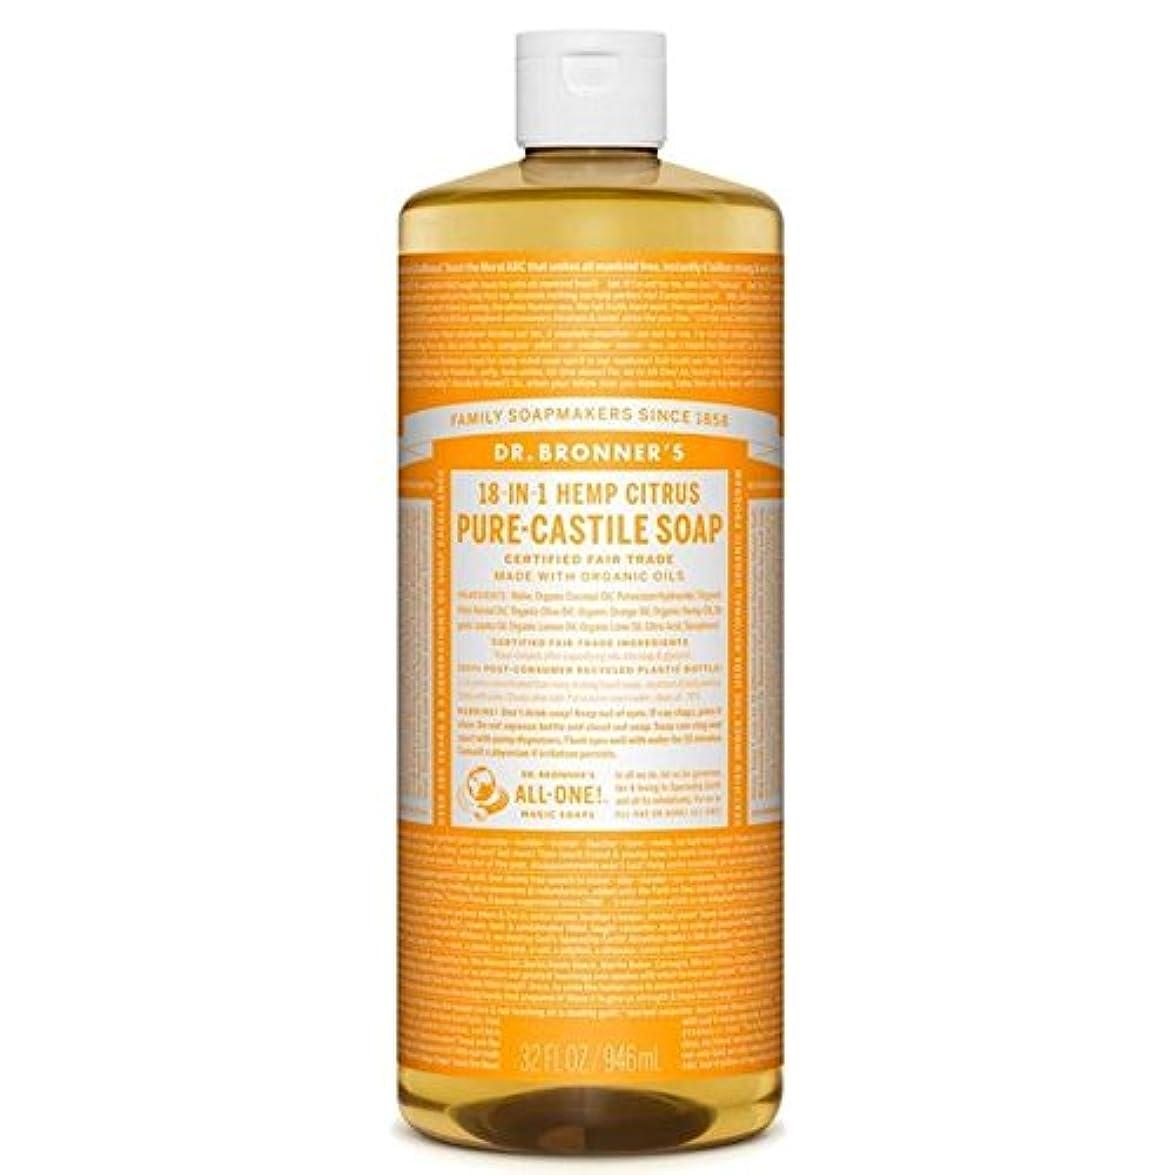 おもてなし製品現実にはのブロナーオーガニックシトラスカスティーリャ液体石鹸946ミリリットル x4 - Dr Bronner Organic Citrus Castile Liquid Soap 946ml (Pack of 4) [並行輸入品]